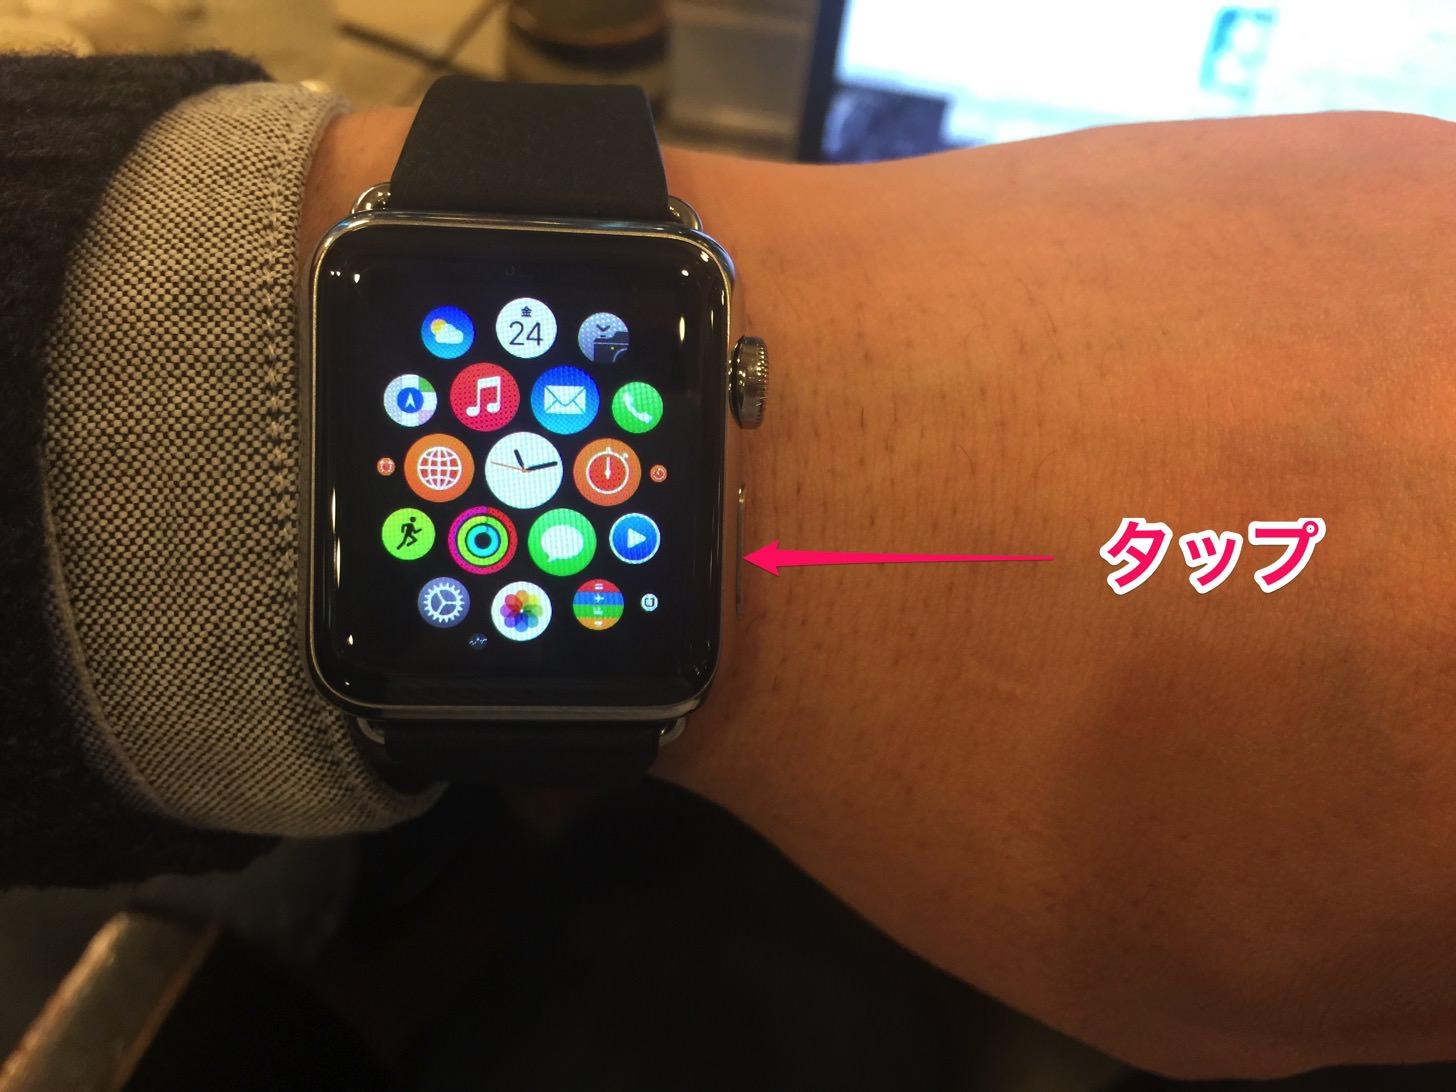 Apple Watchのサイドボタンをタップ